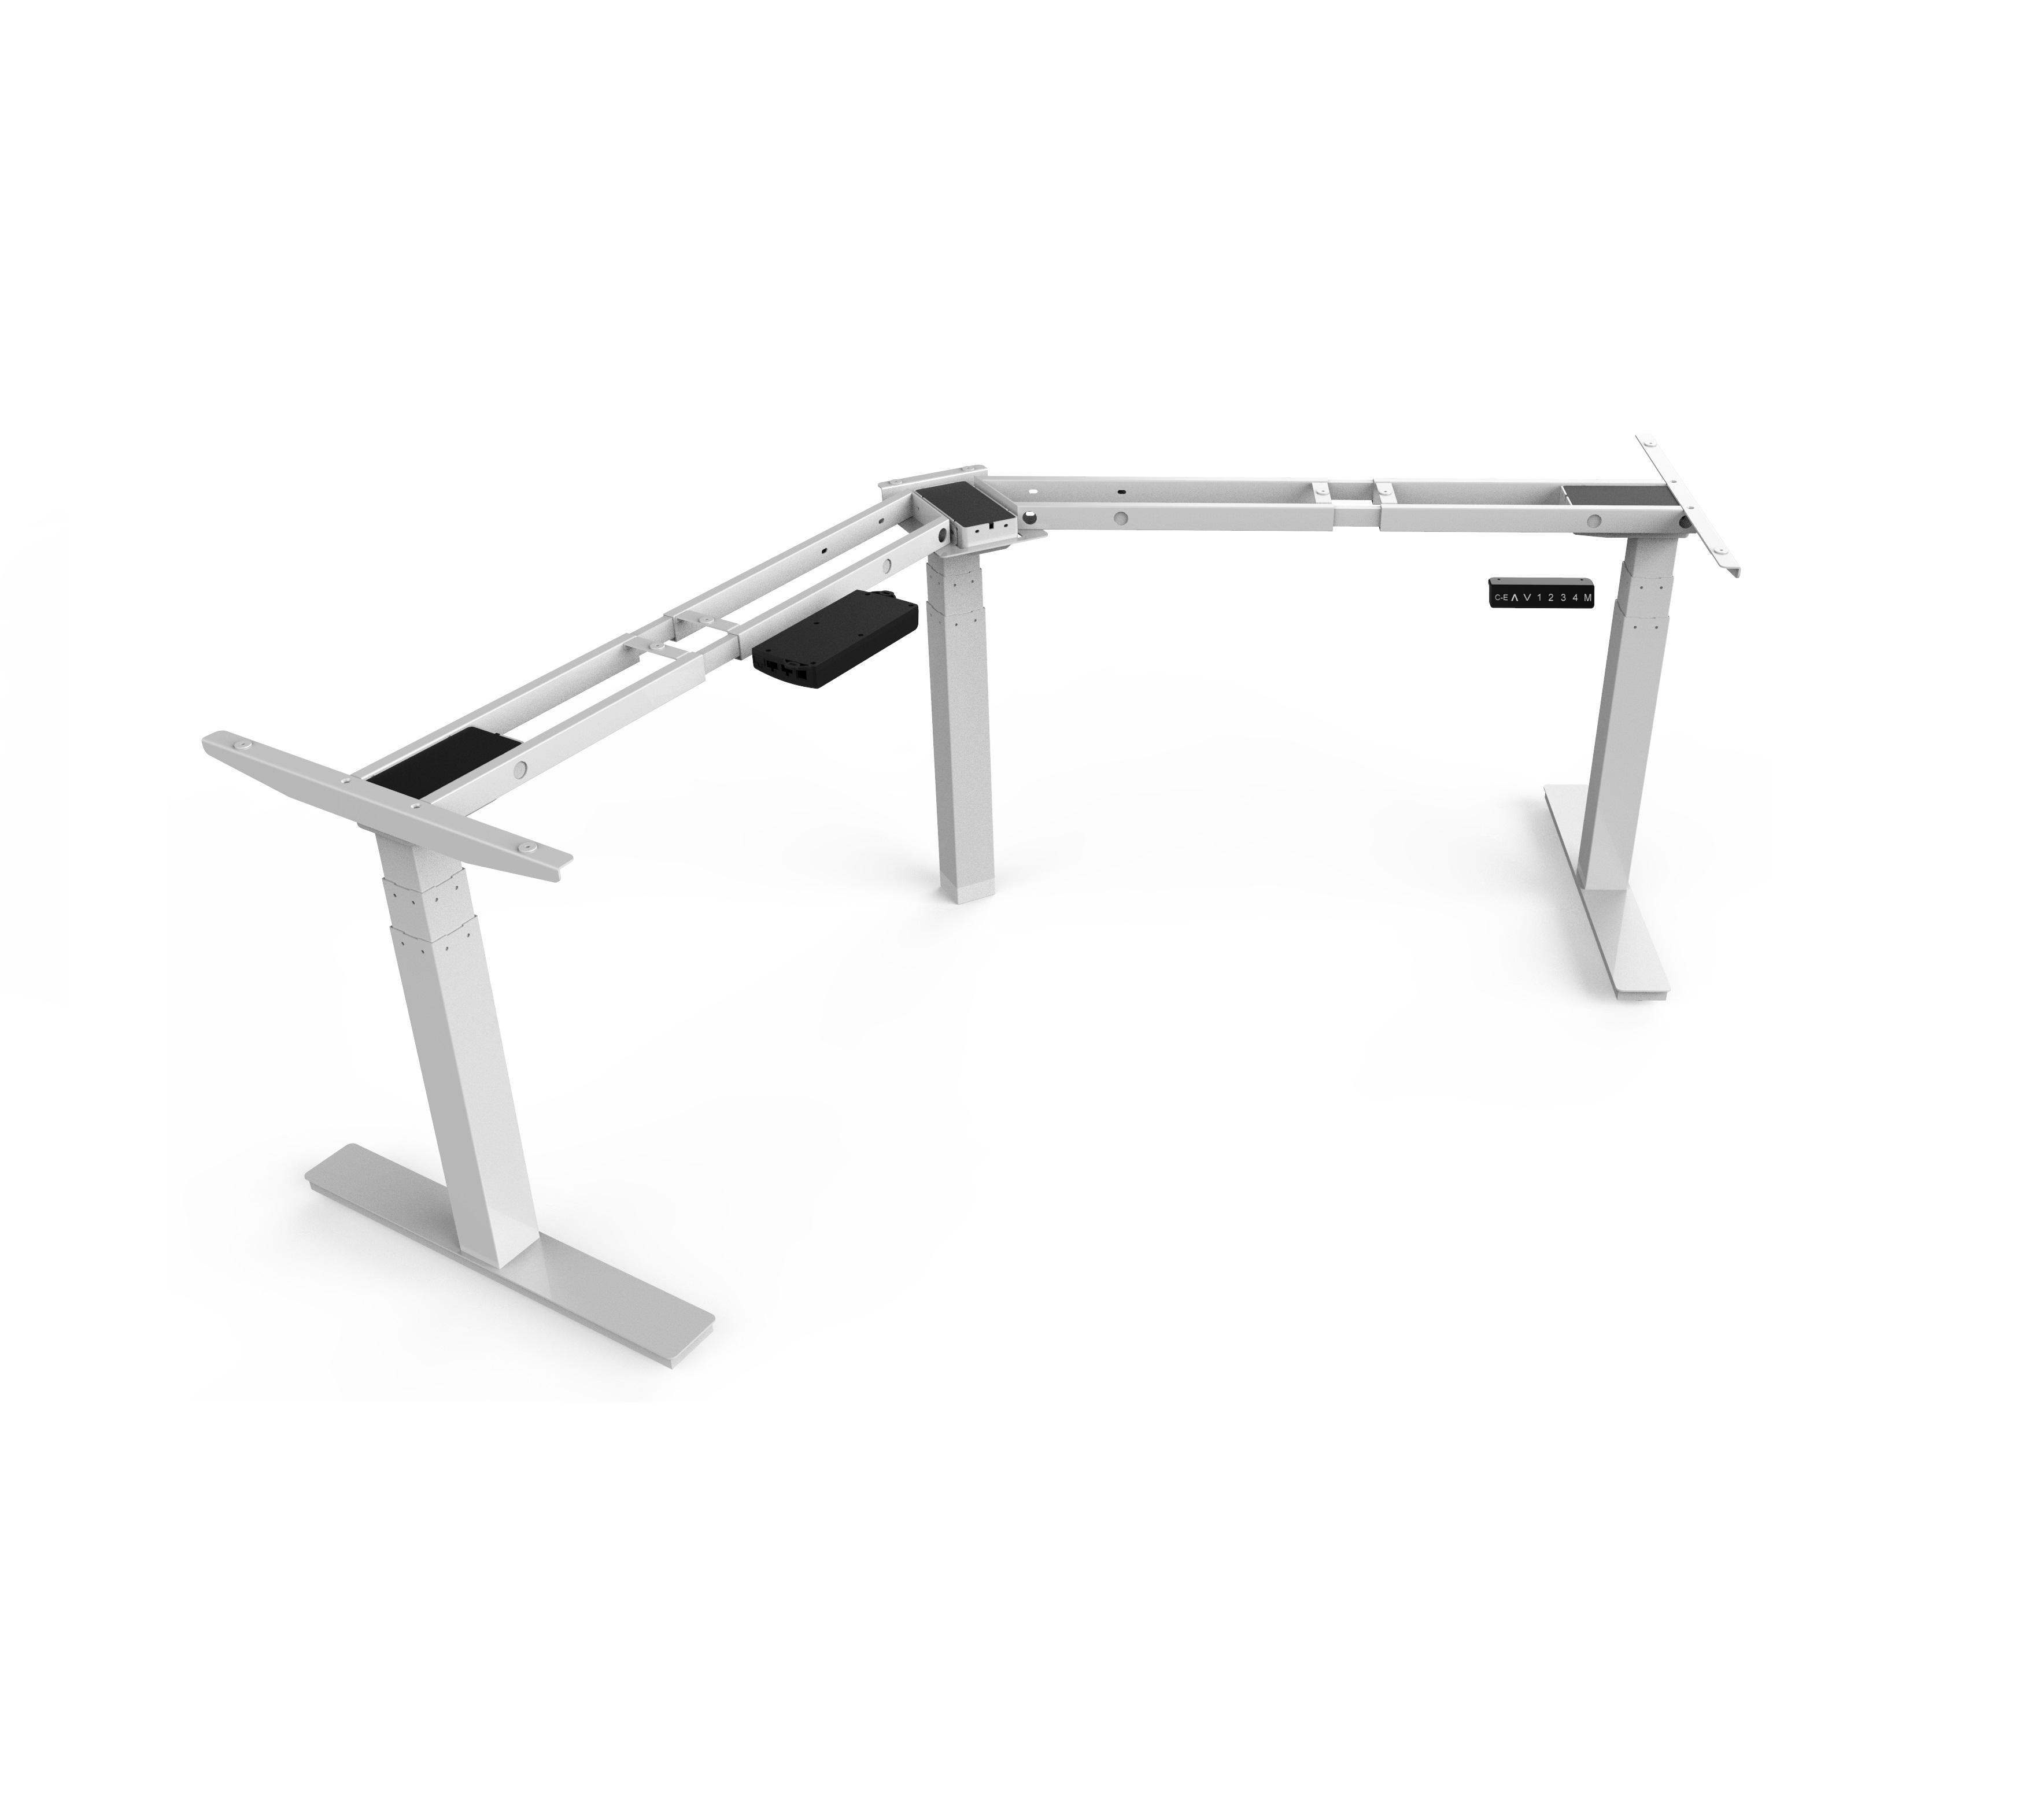 L-shaped Standing Desk with Desktop